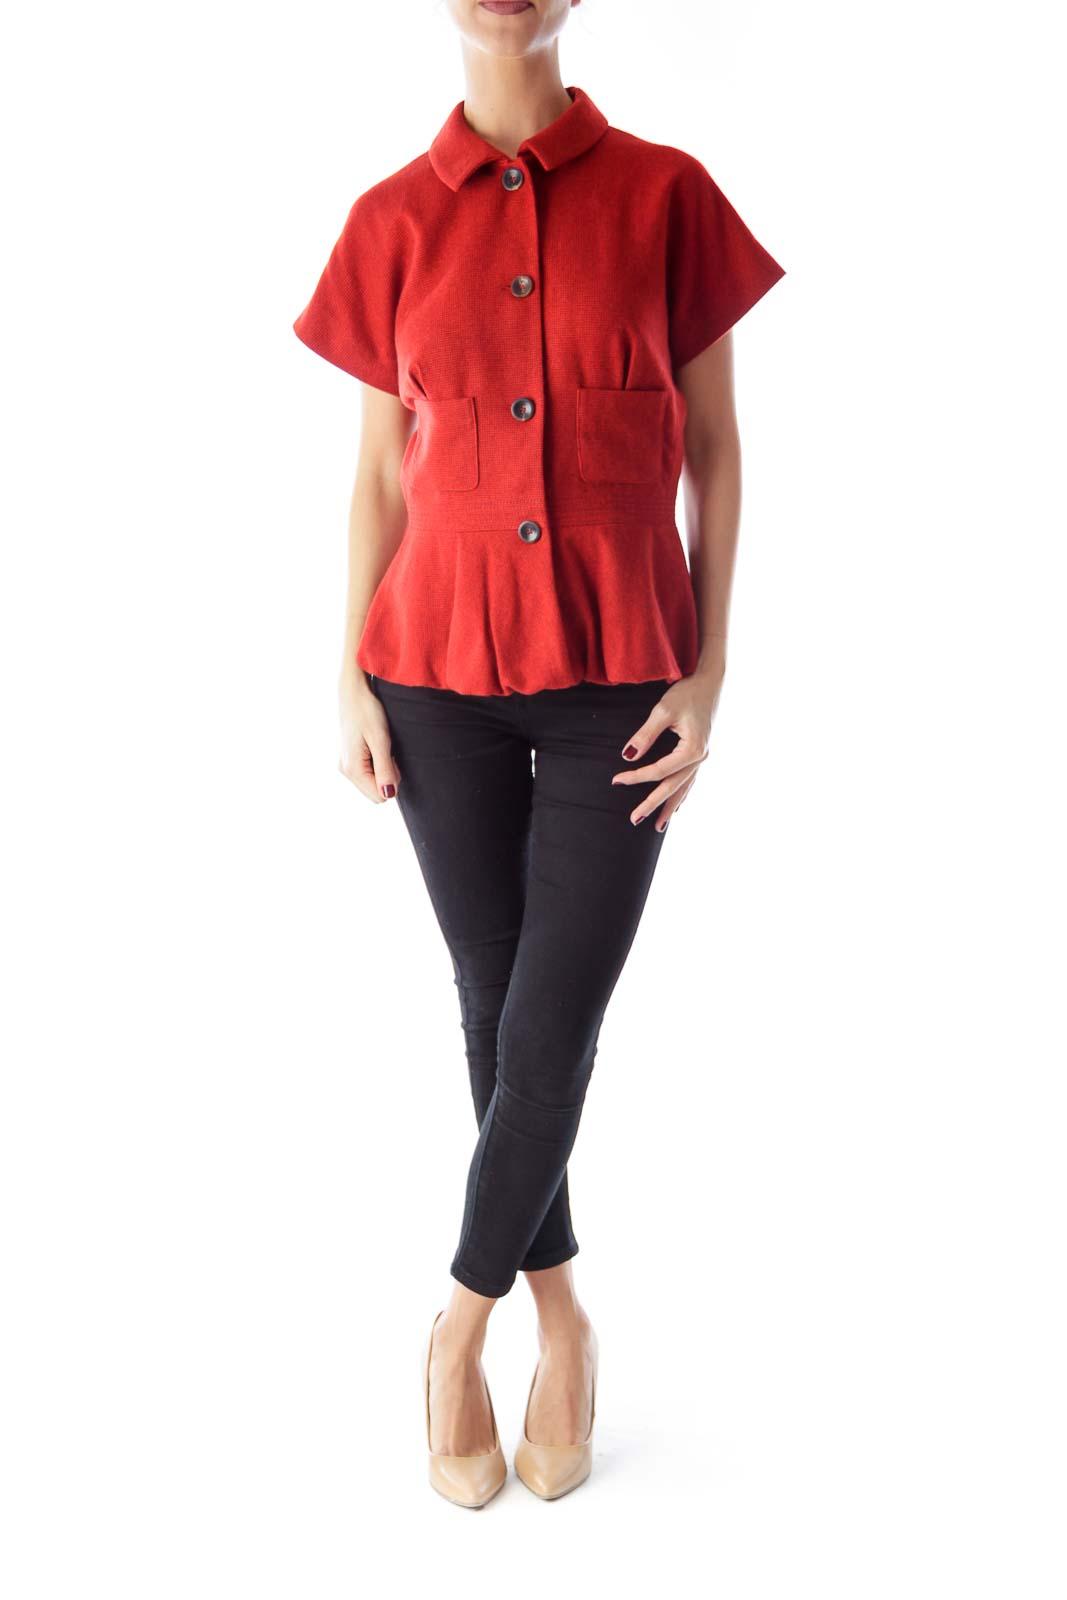 Orange Short Sleeve Peplum Jacket